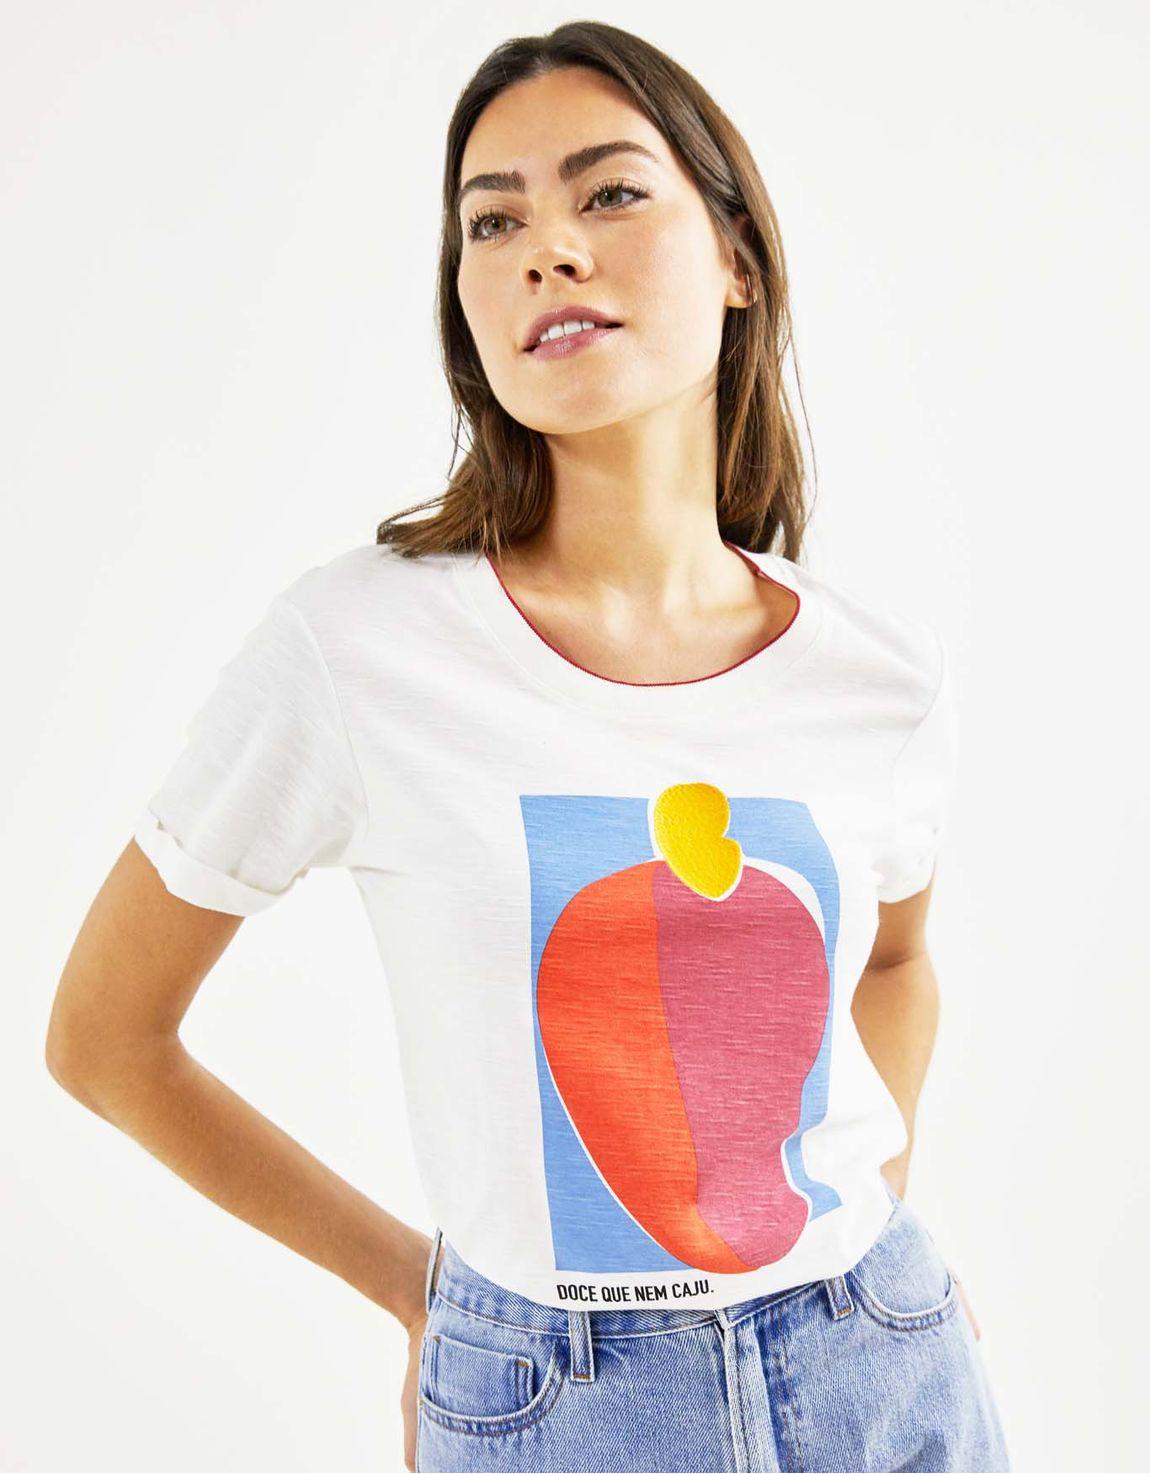 T-shirt doce que nem caju